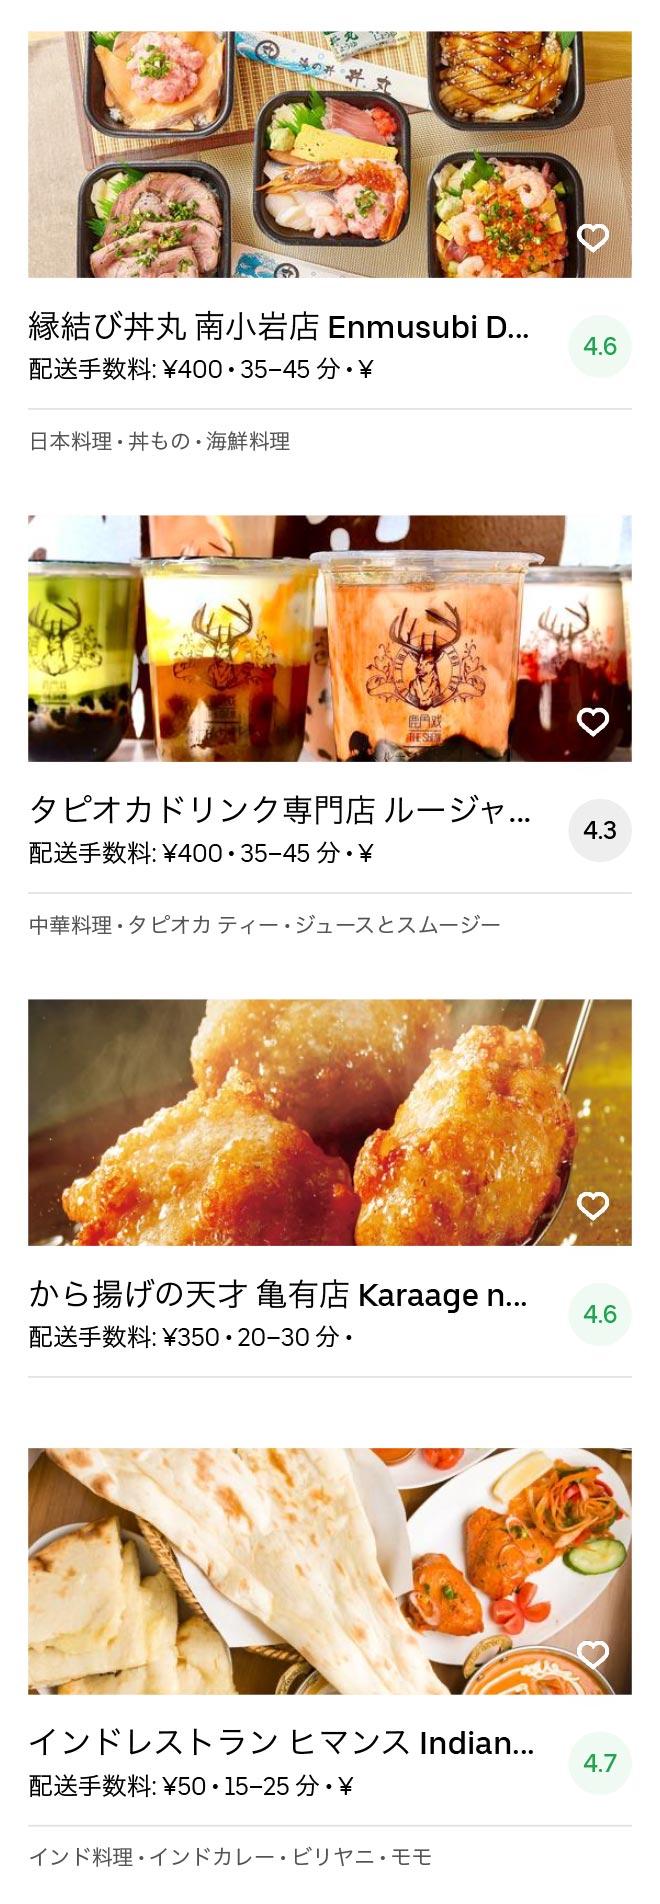 Tokyo aoto menu 2005 10